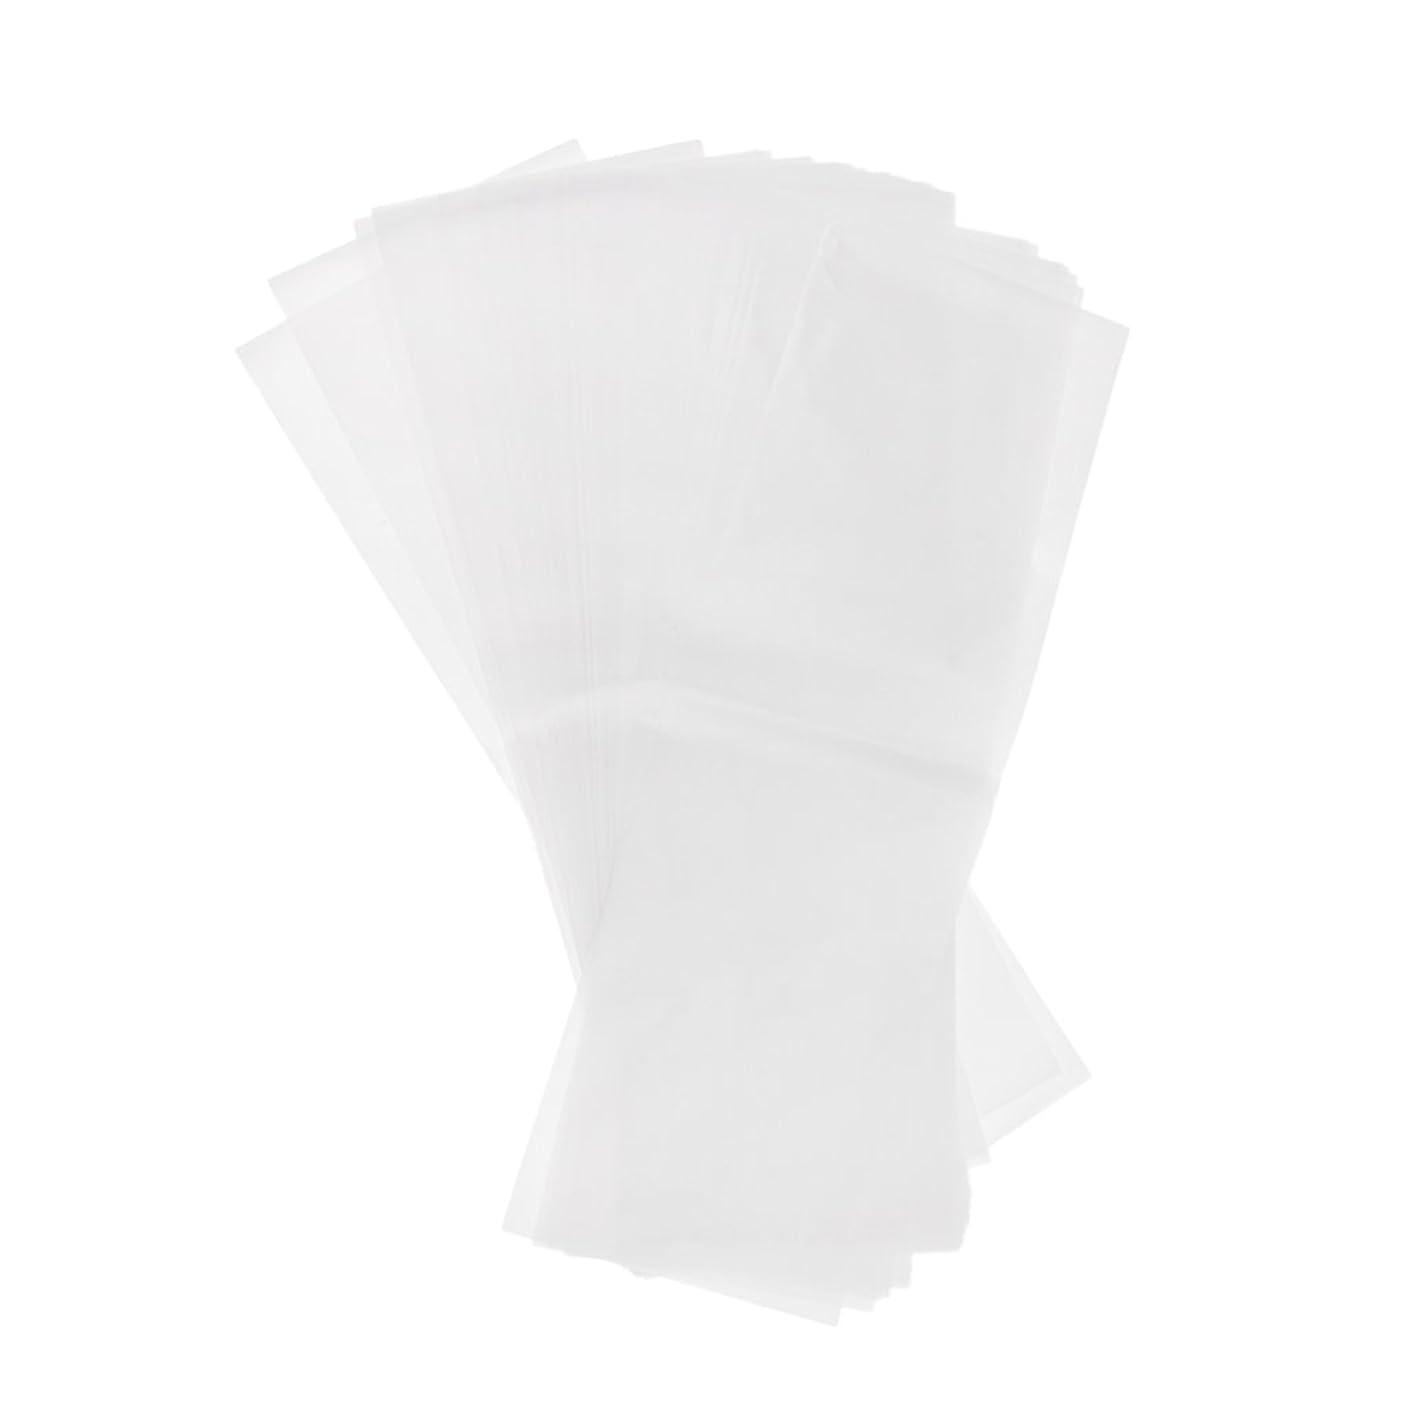 うがいご近所明るいF Fityle 約100個 毛染め サロン プラスチック 染毛紙 色のハイライト 分離シート 再利用可能